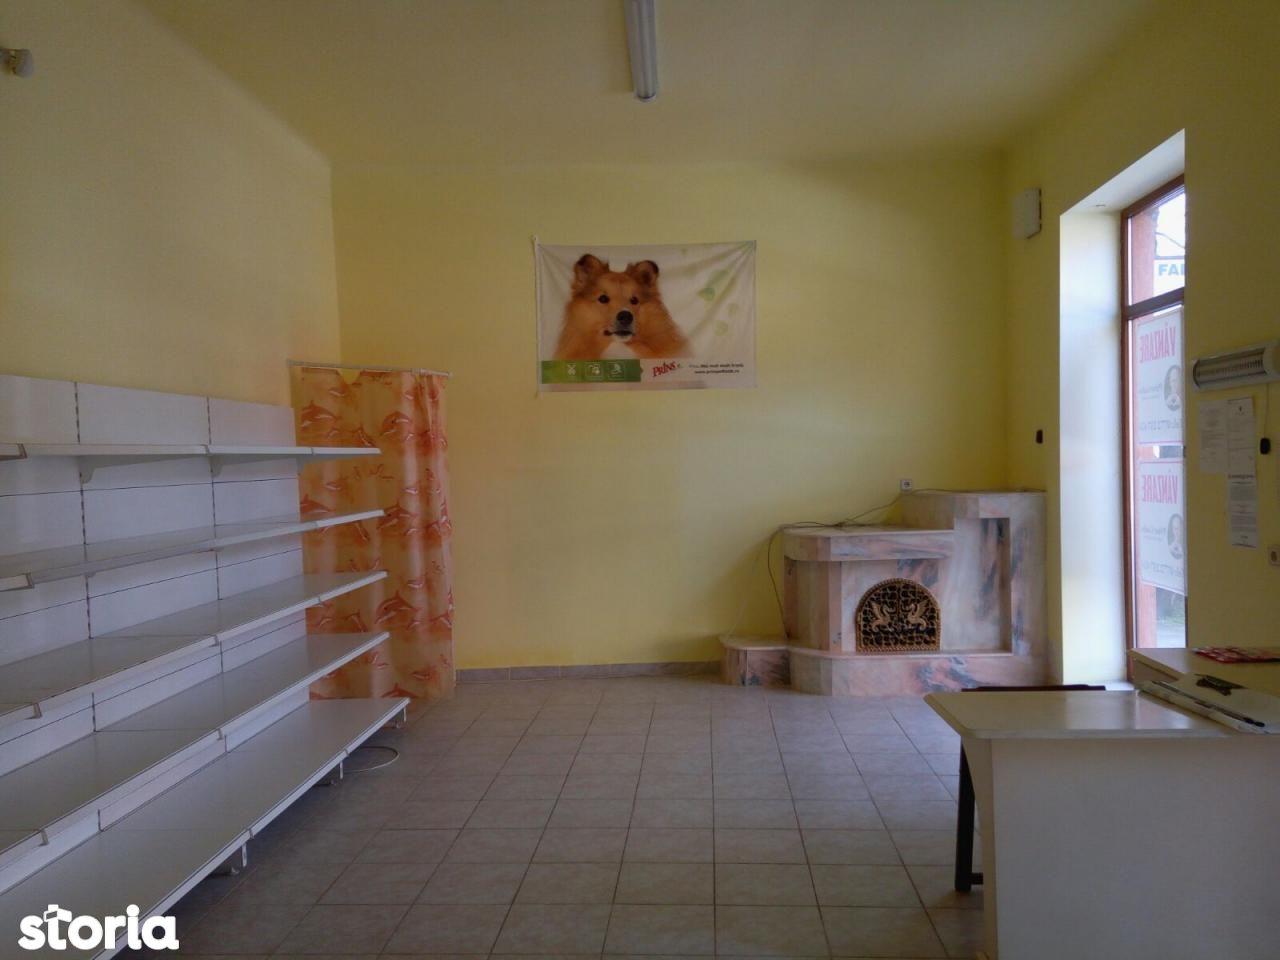 Spatiu Comercial de vanzare, Oradea, Bihor - Foto 3